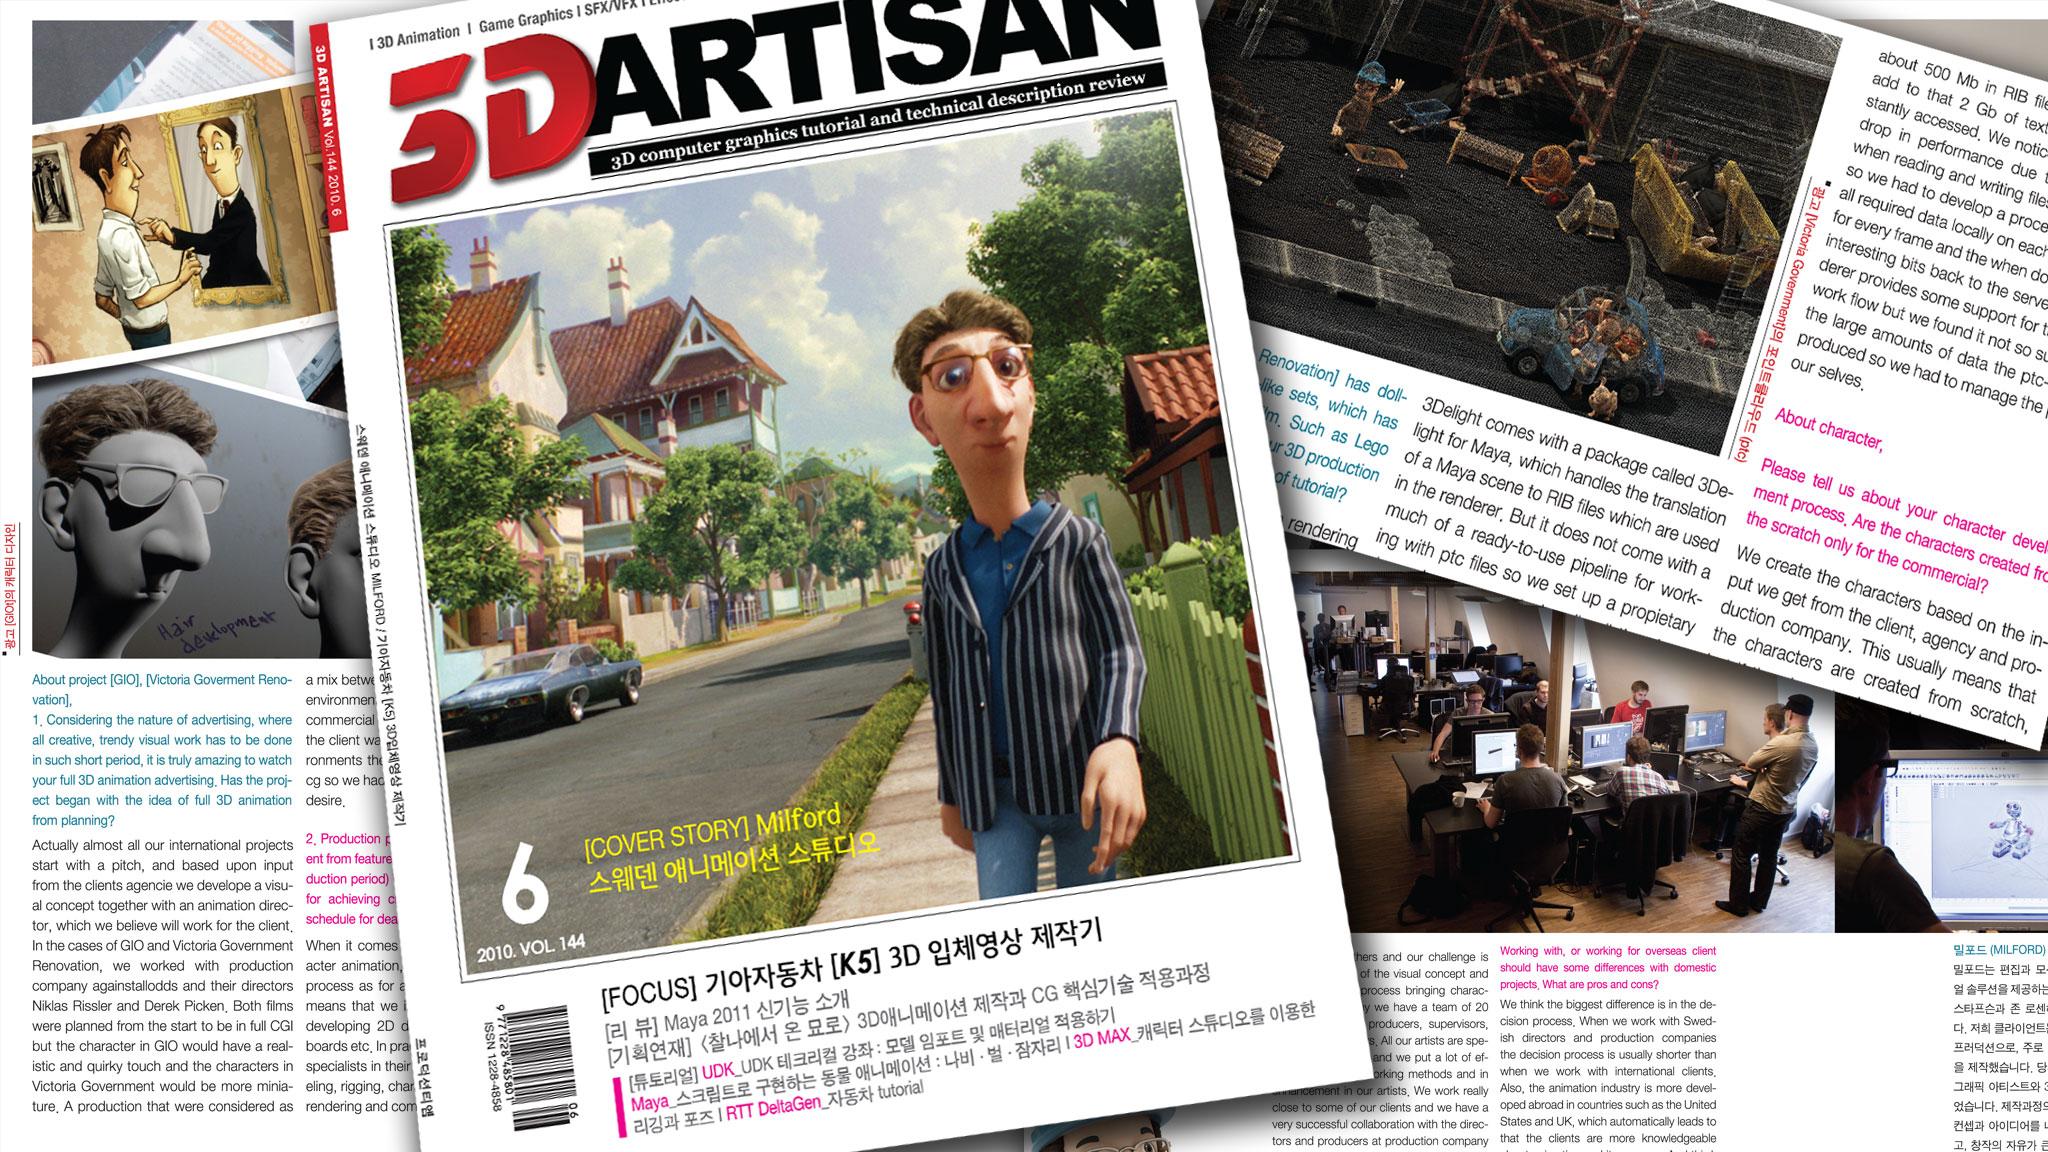 Reportage om Milford i 3D Artisan i Korea